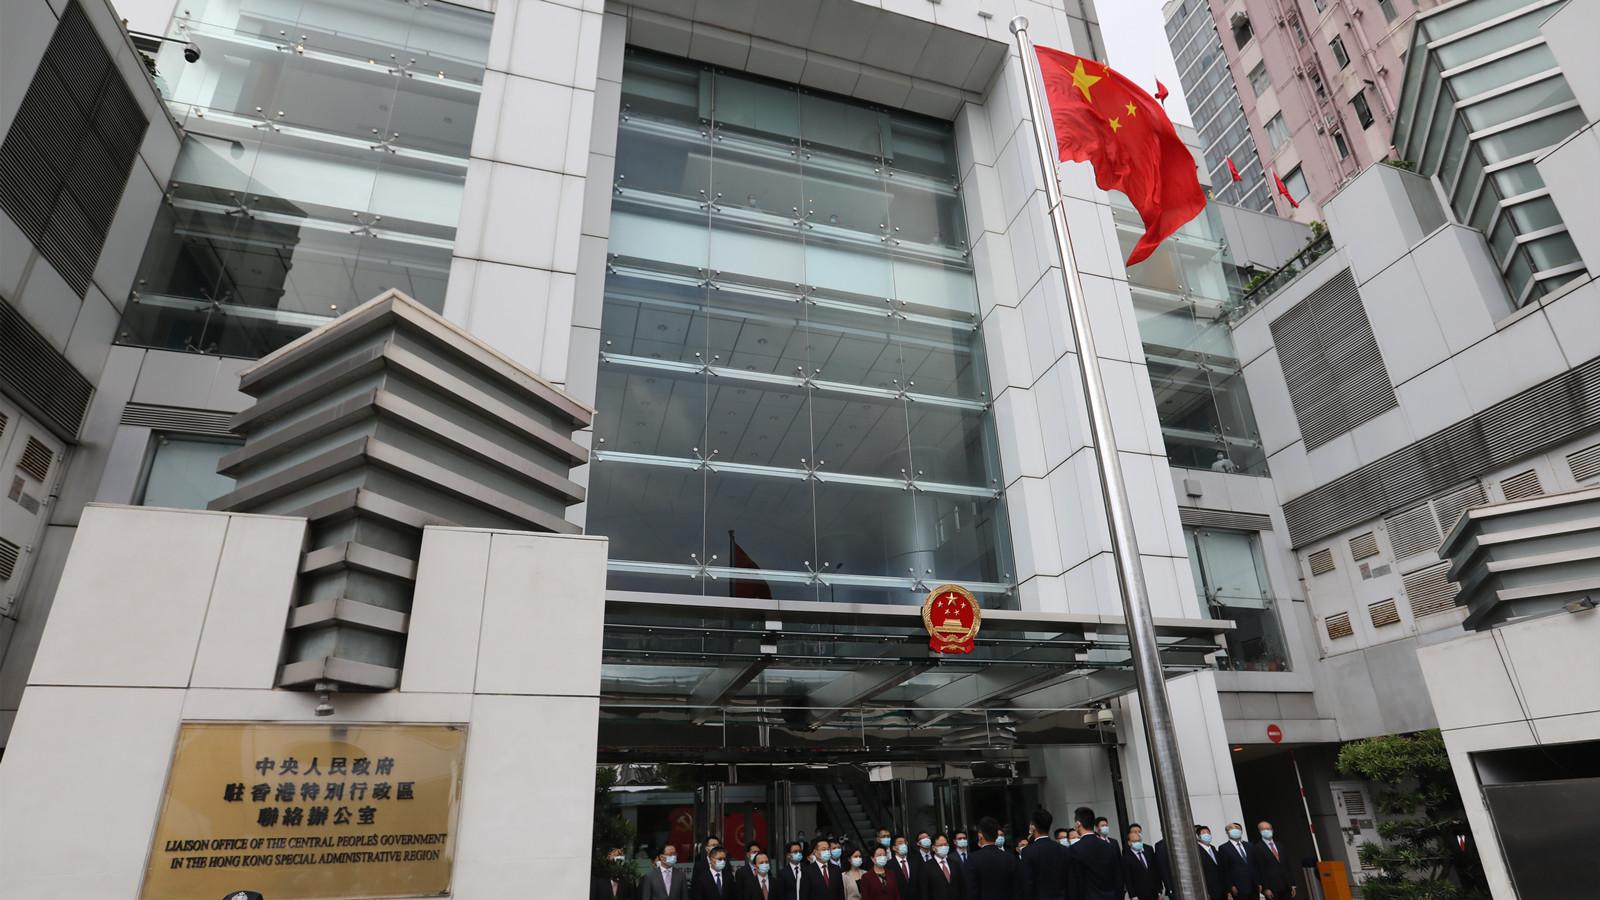 【有片】中聯辦今早舉行升旗禮 慶祝香港回歸24周年